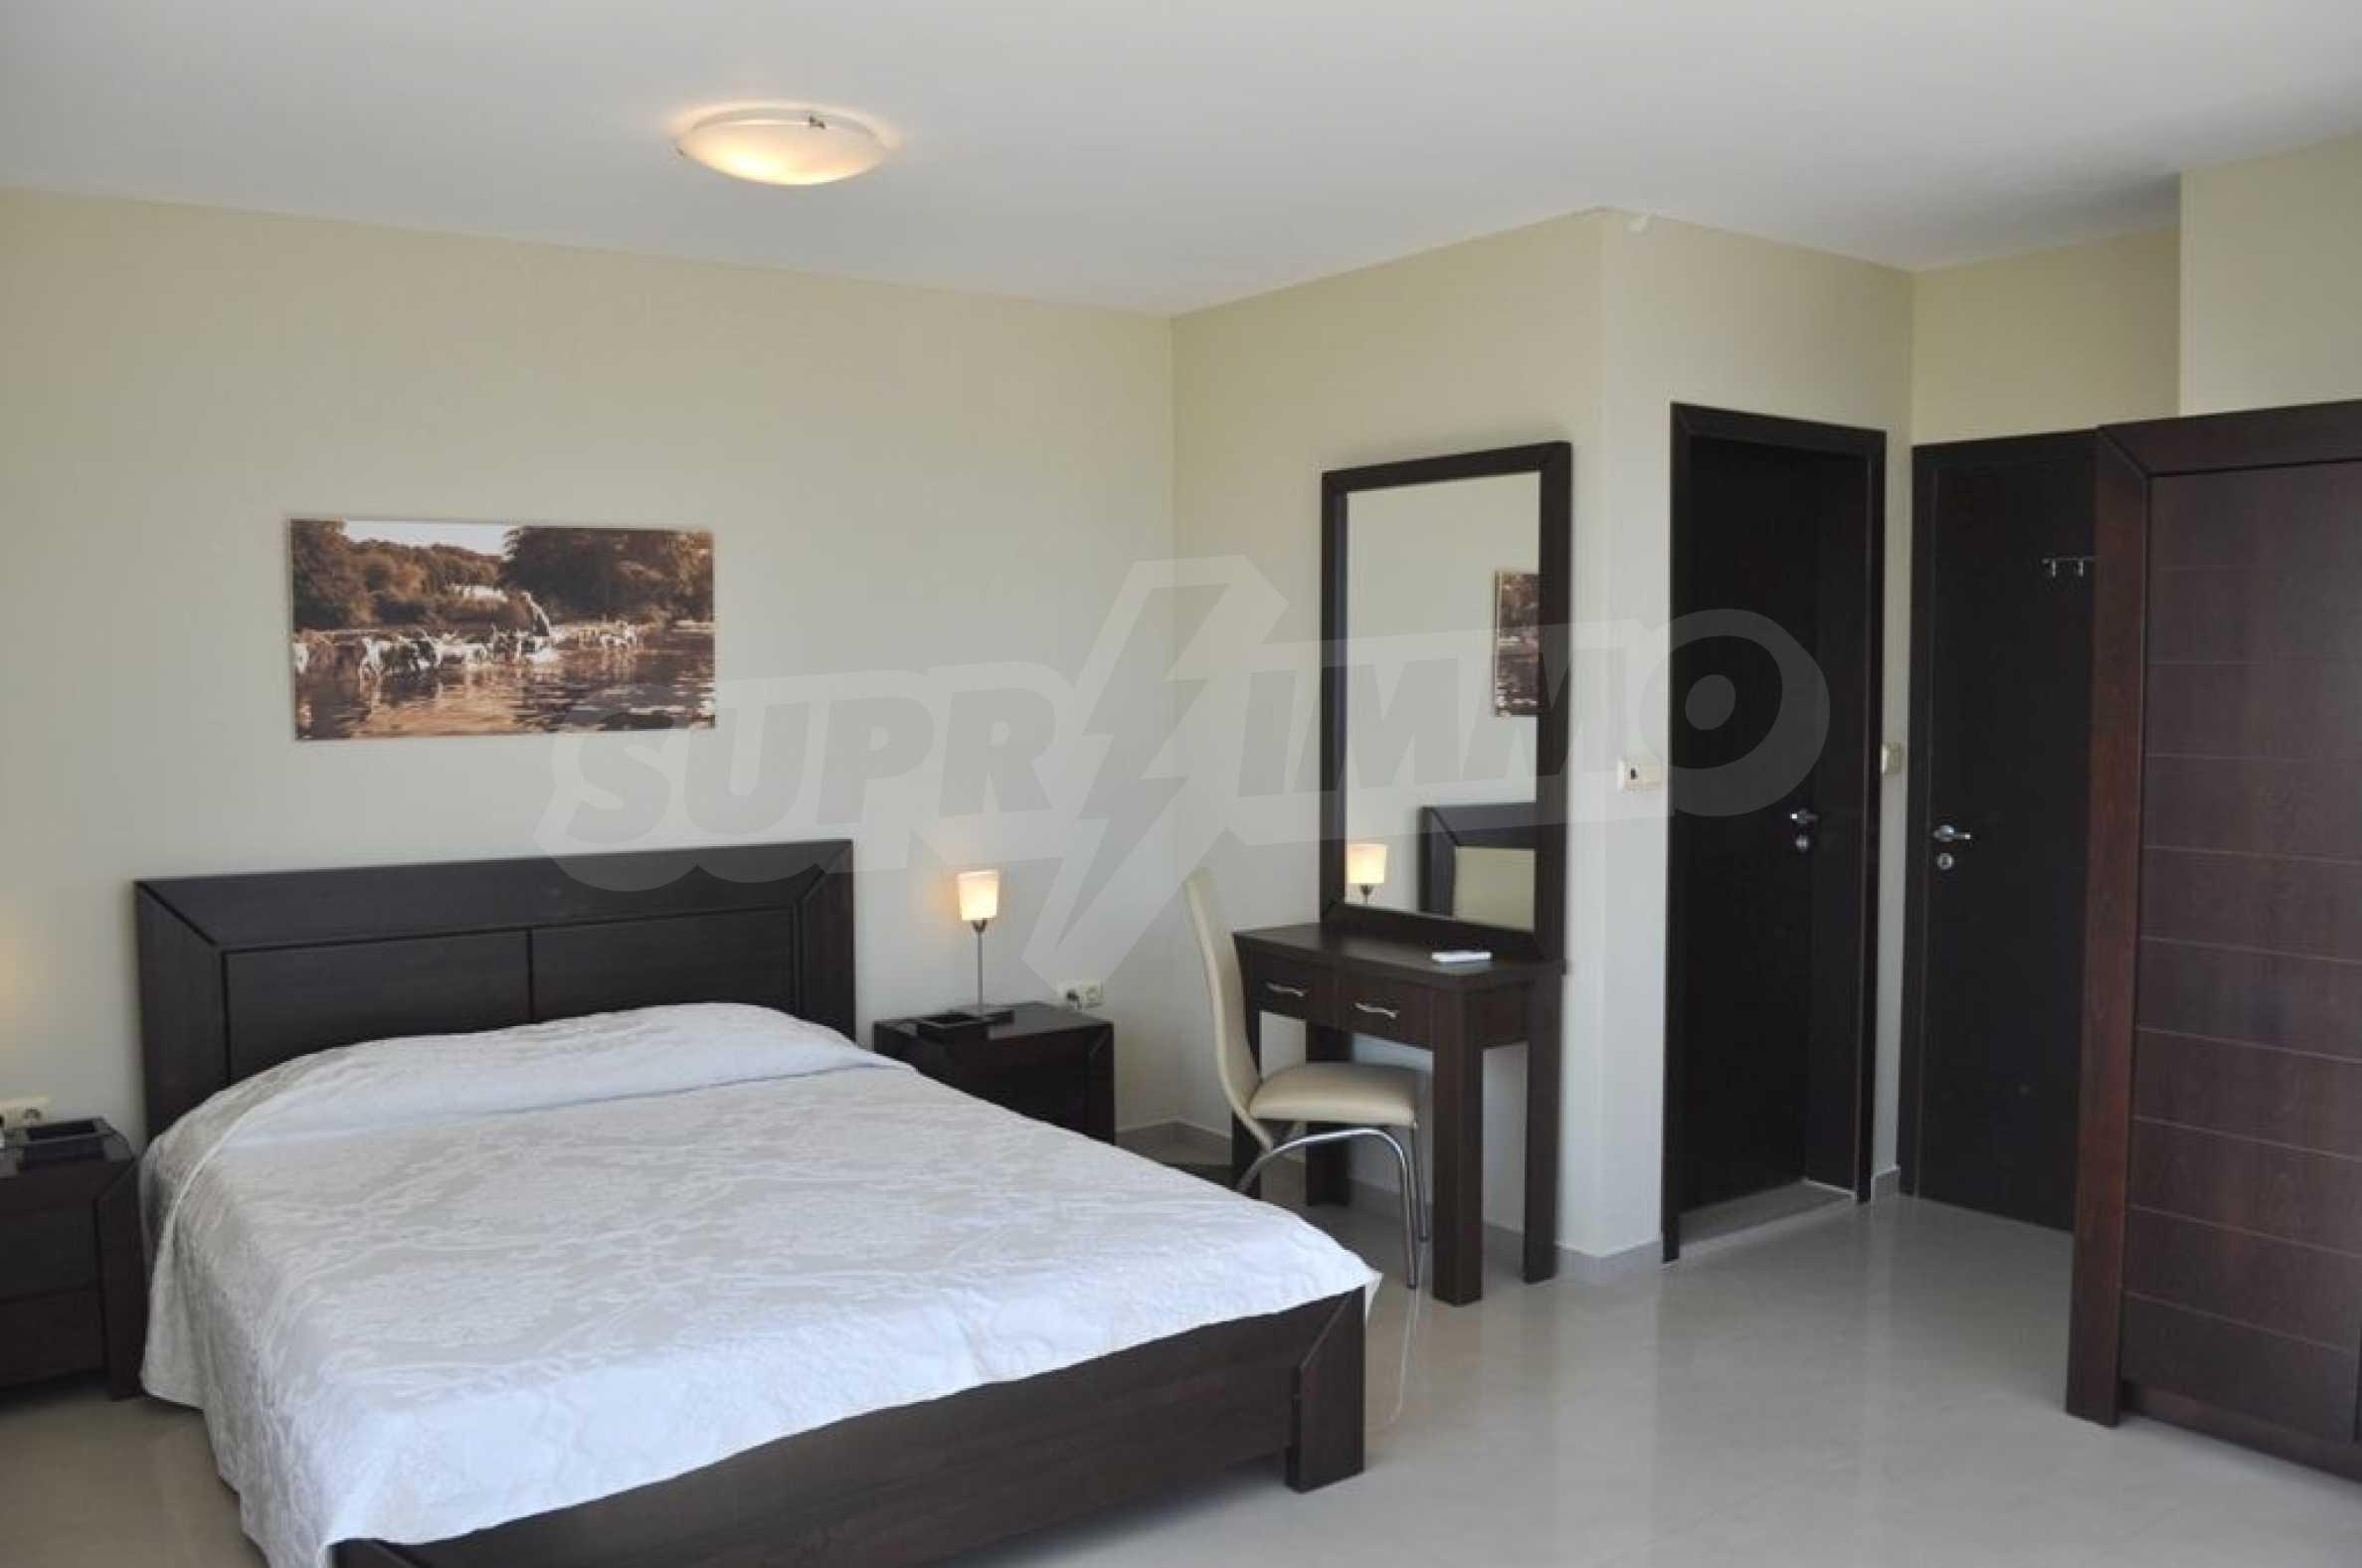 Luxusvilla mit 4 Schlafzimmern zu vermieten in der Nähe des Resorts. Albena 10